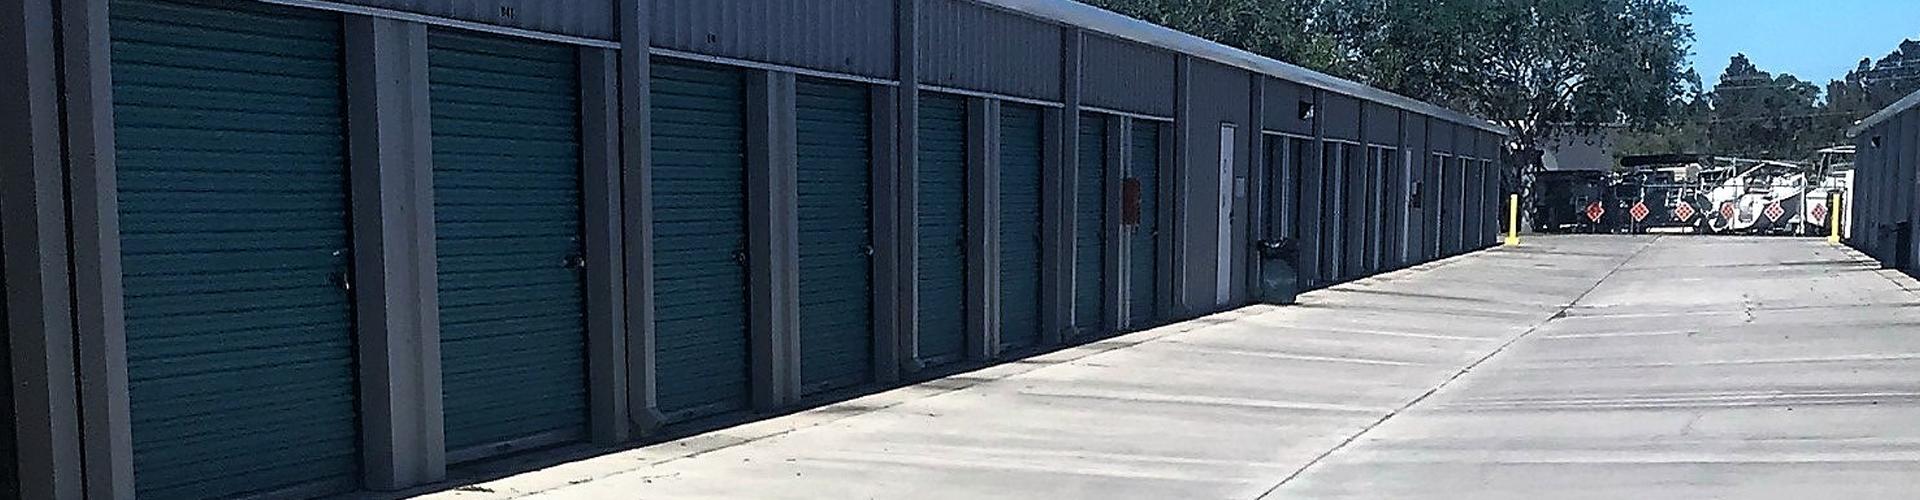 Vero Beach FL Storage Units